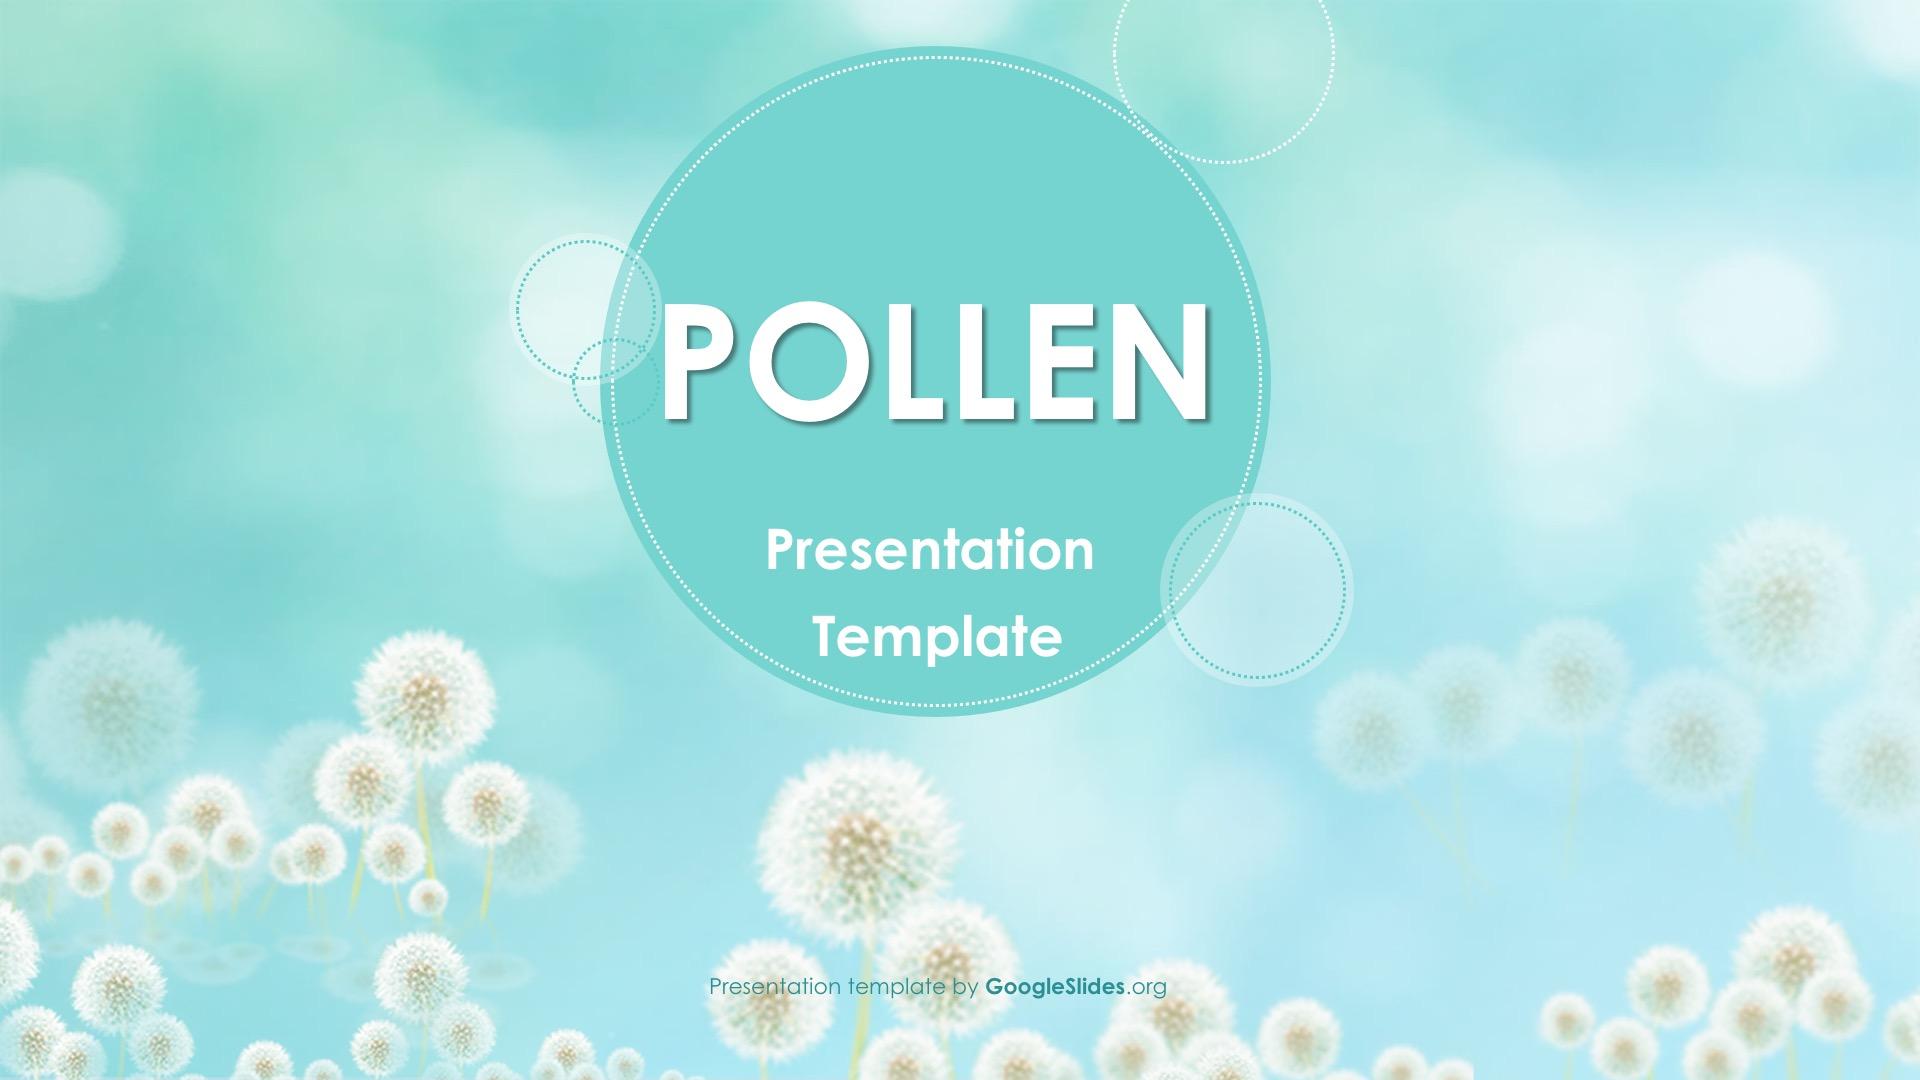 Pollen Presentation